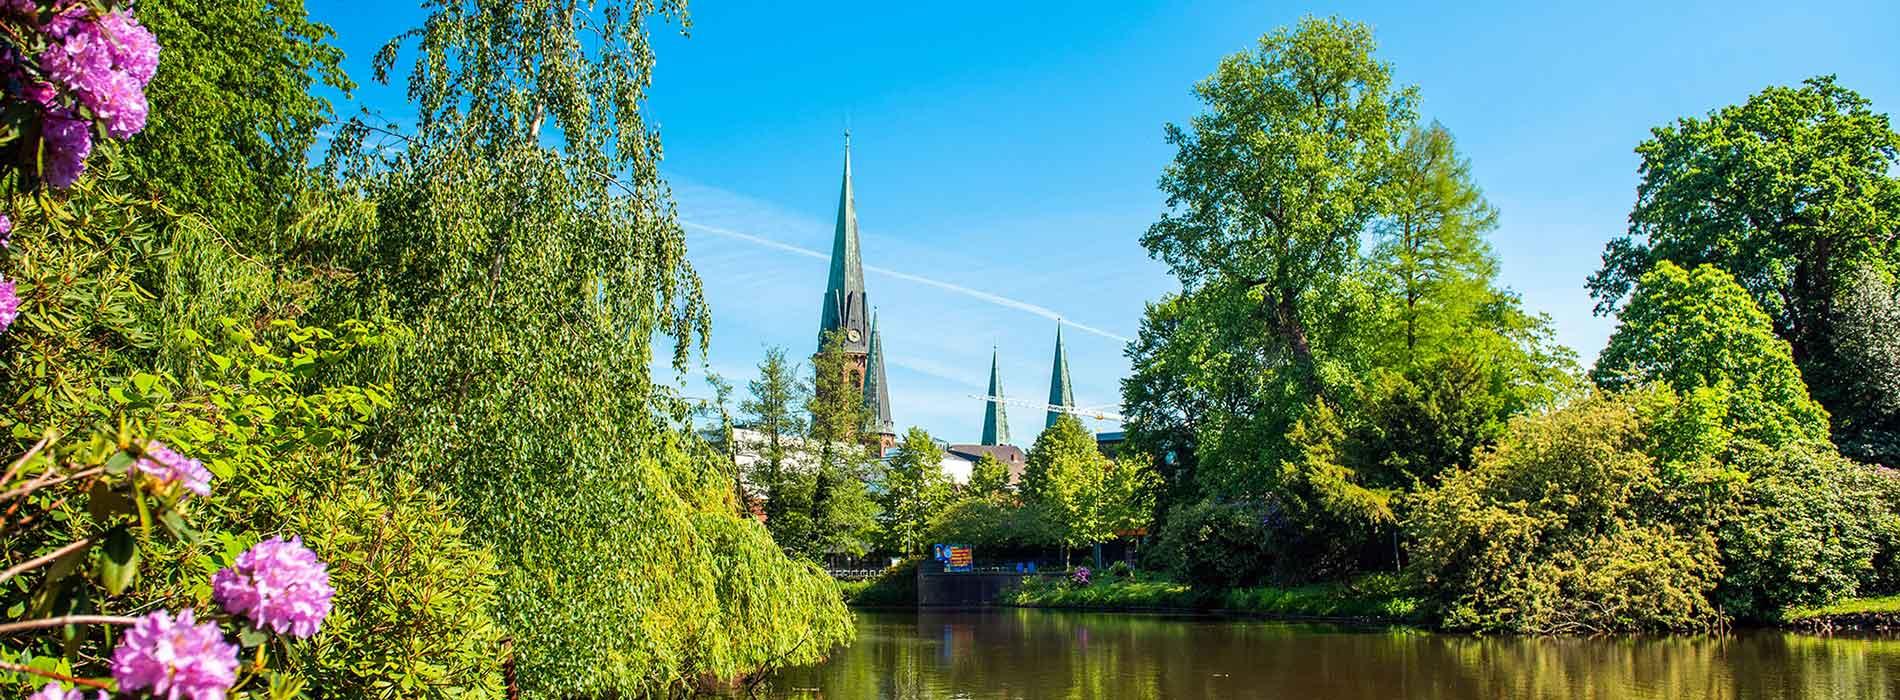 Oldenburg am Wasser